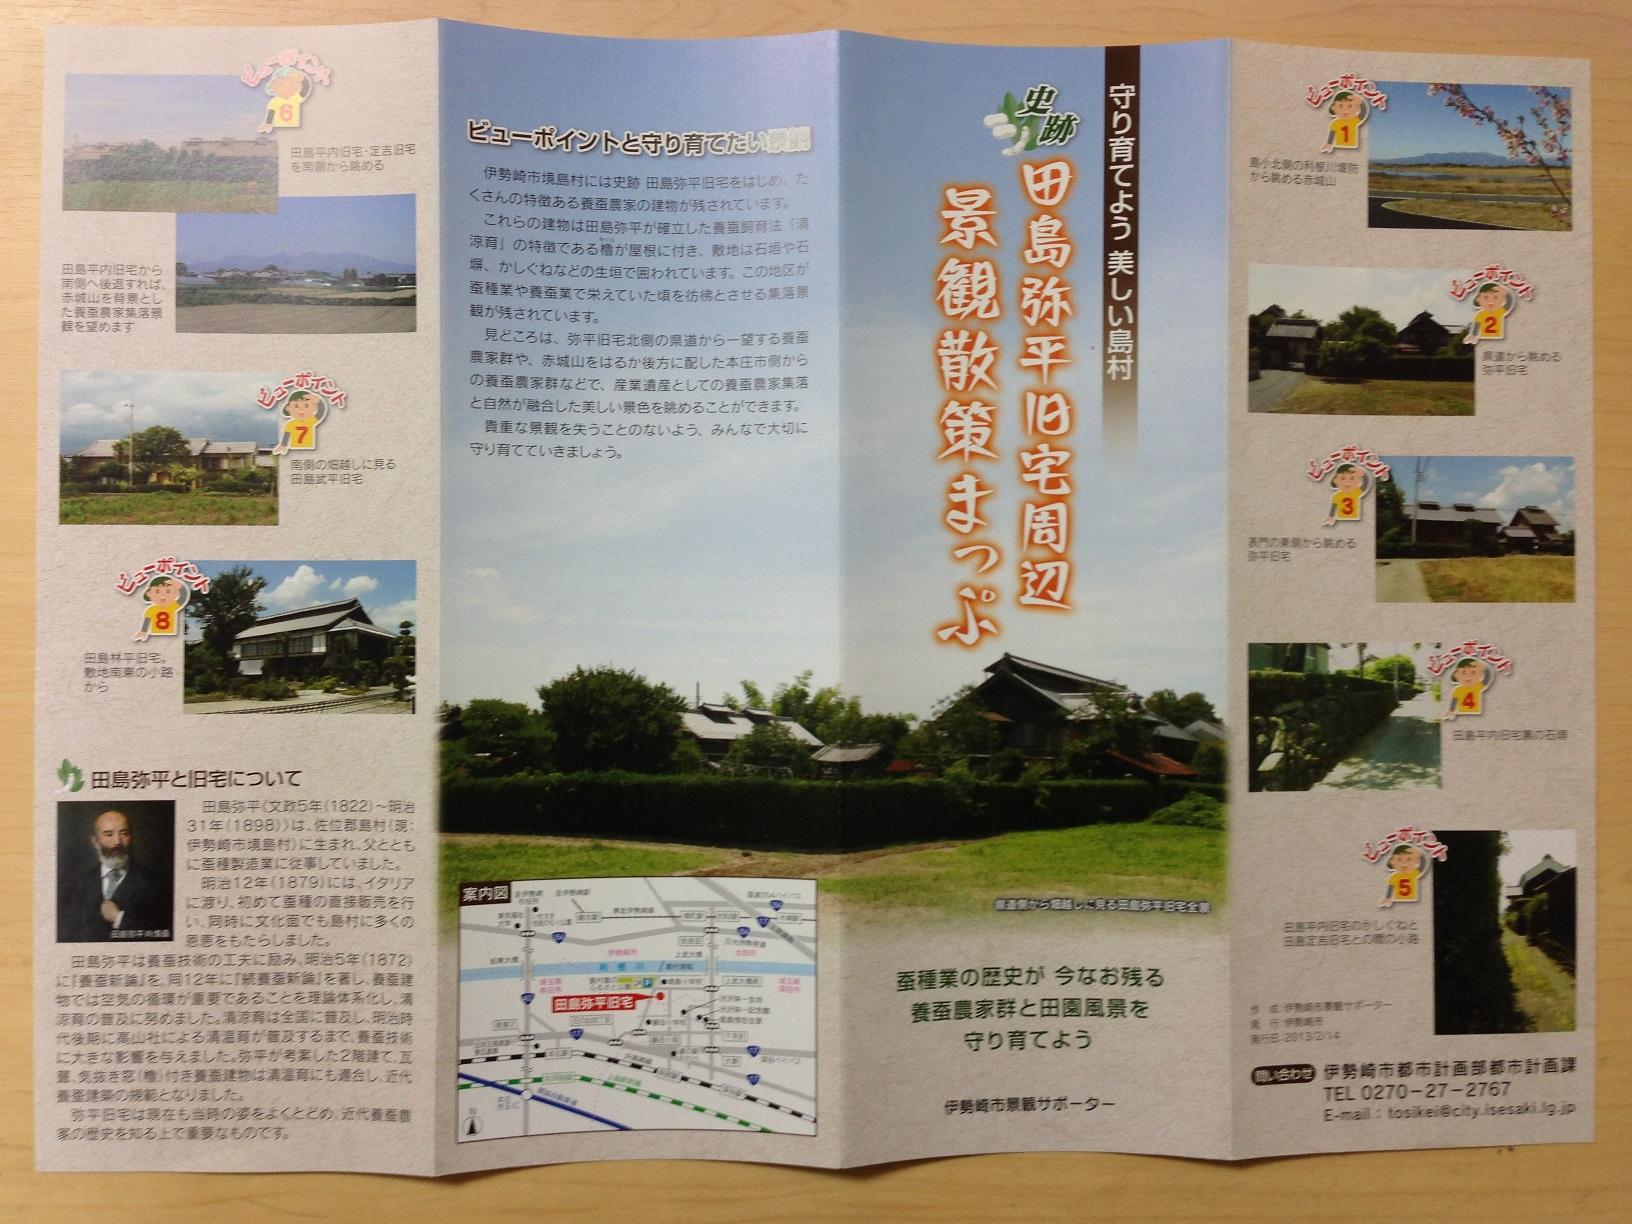 田島弥平旧宅周辺景観散策マップ